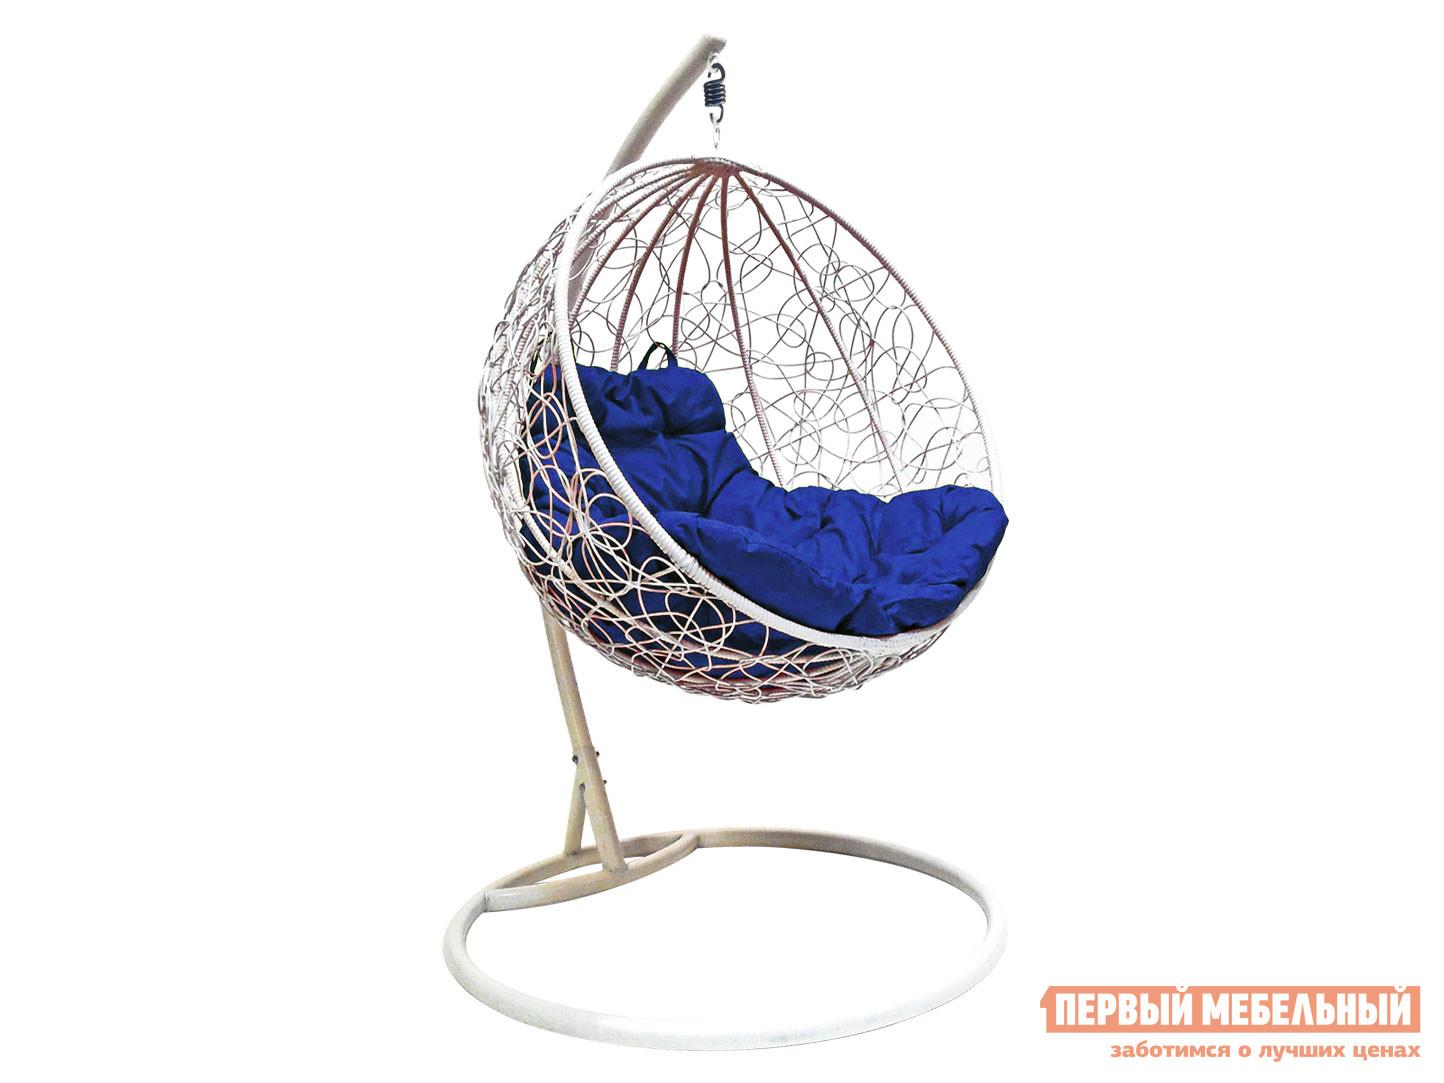 Подвесное кресло Кресло подвесное Раунд, ротанг Белый / Ультрамарин фото